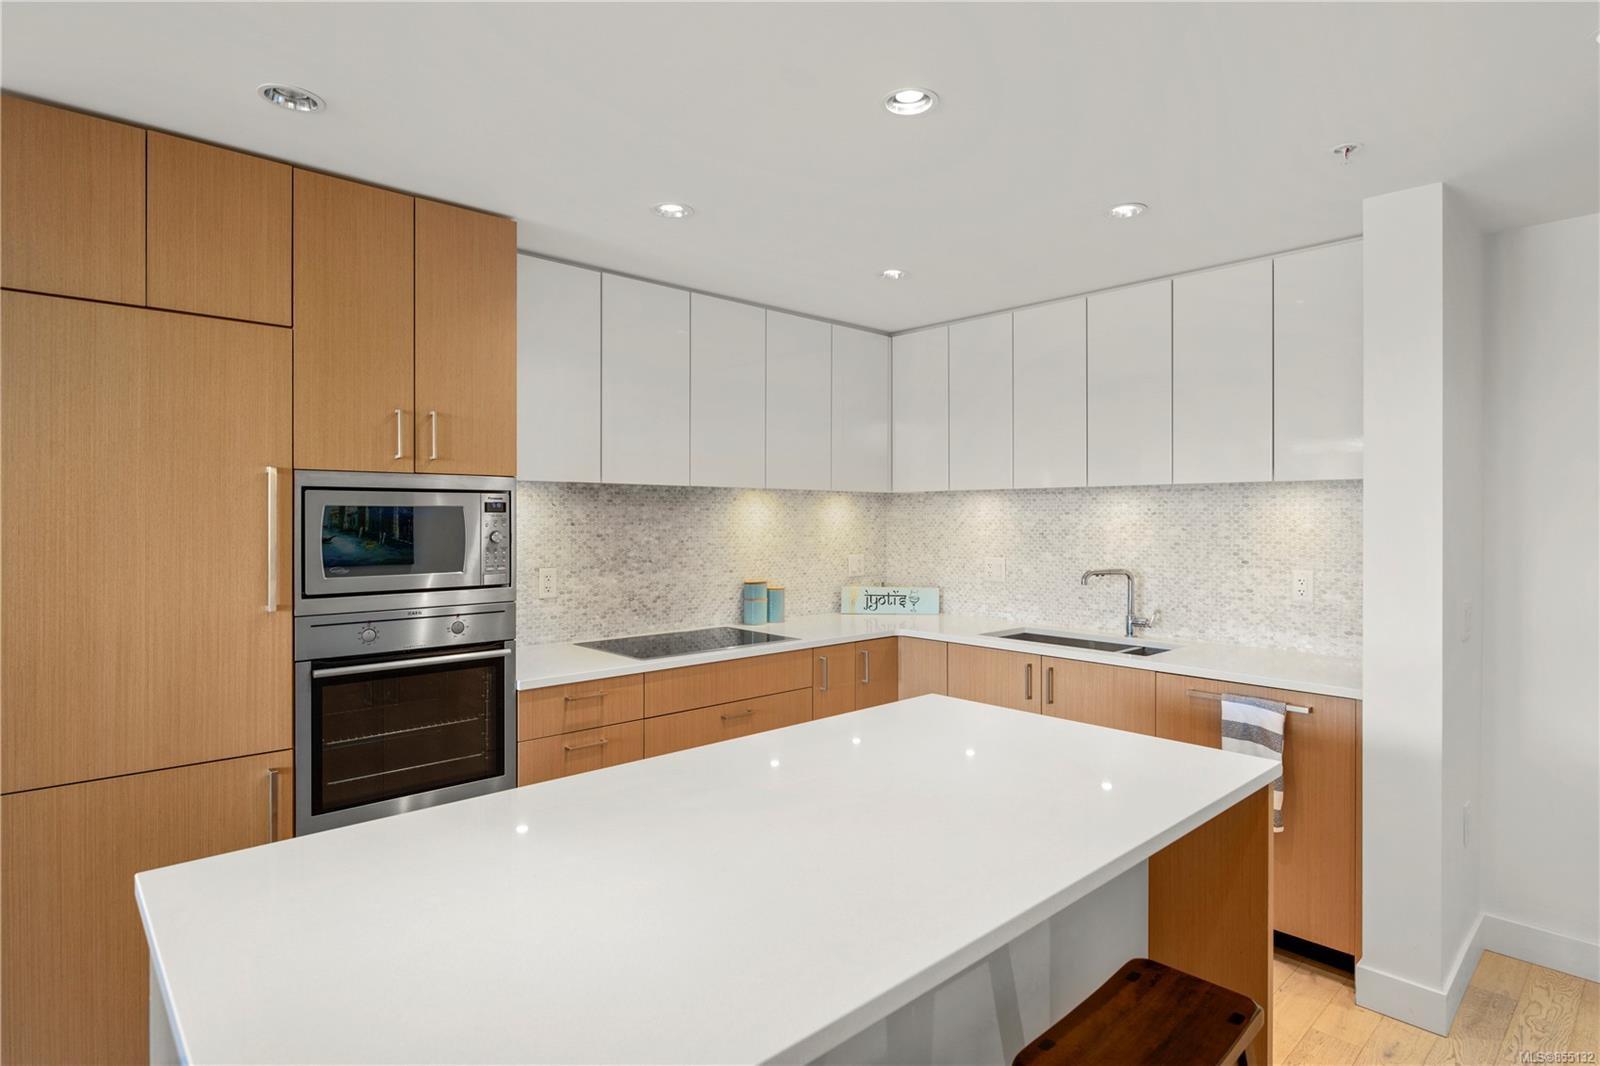 Main Photo: 406 838 Broughton St in : Vi Downtown Condo Apartment for sale (Victoria)  : MLS®# 855132